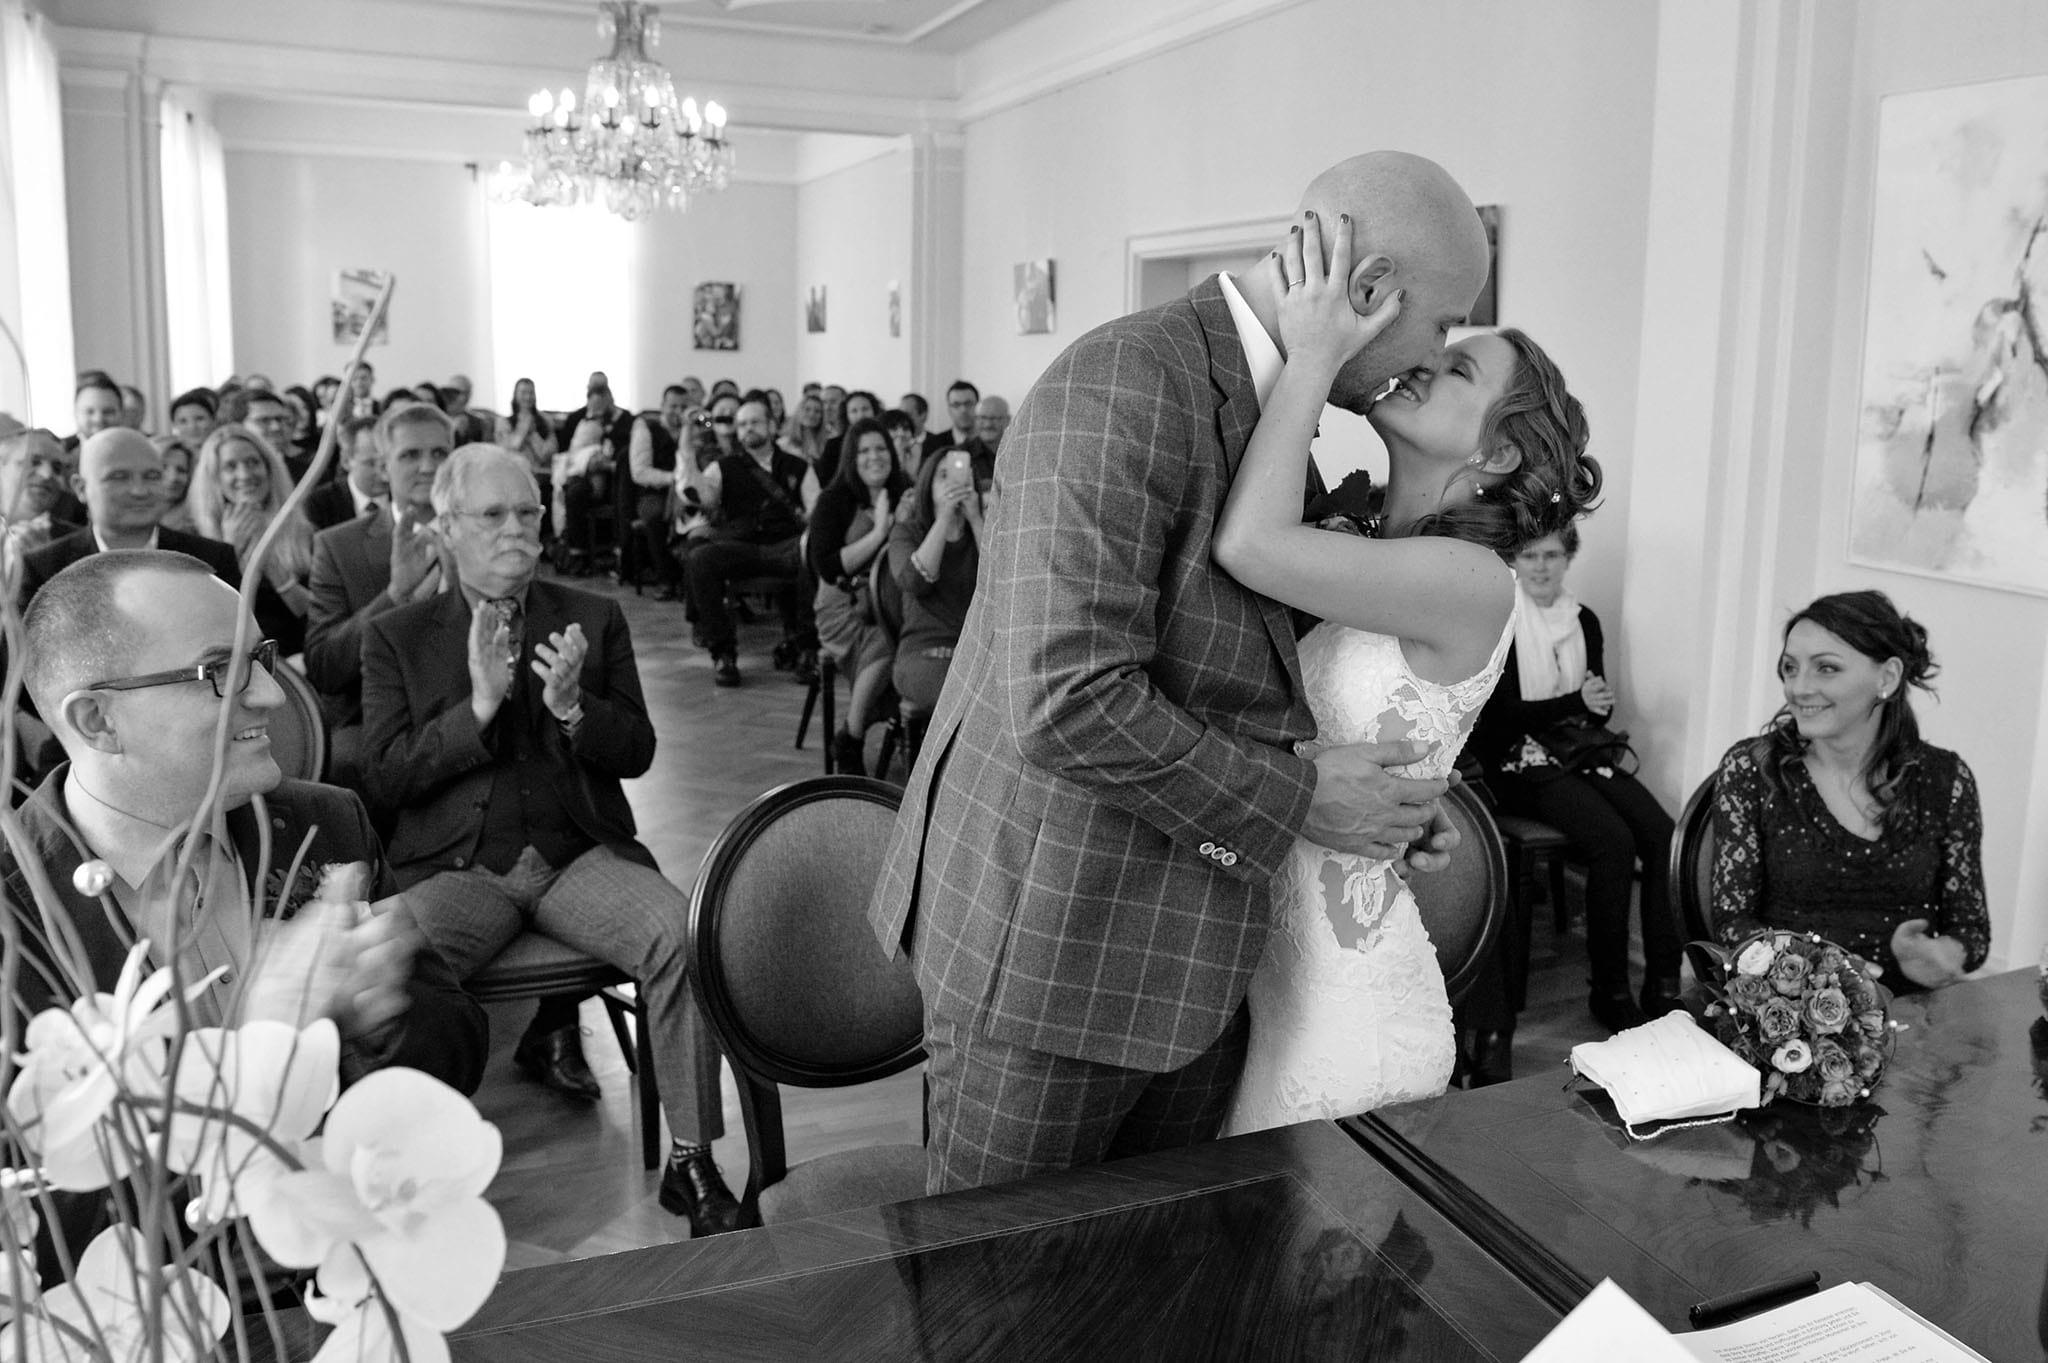 Hochzeit 007 Brautpaar Hochzeit heiraten Foto fotografieren Standesamt Lorsch Palais von Hausen Ja-Wort Hochzeitsfoto Daniel Fuss Fotografie